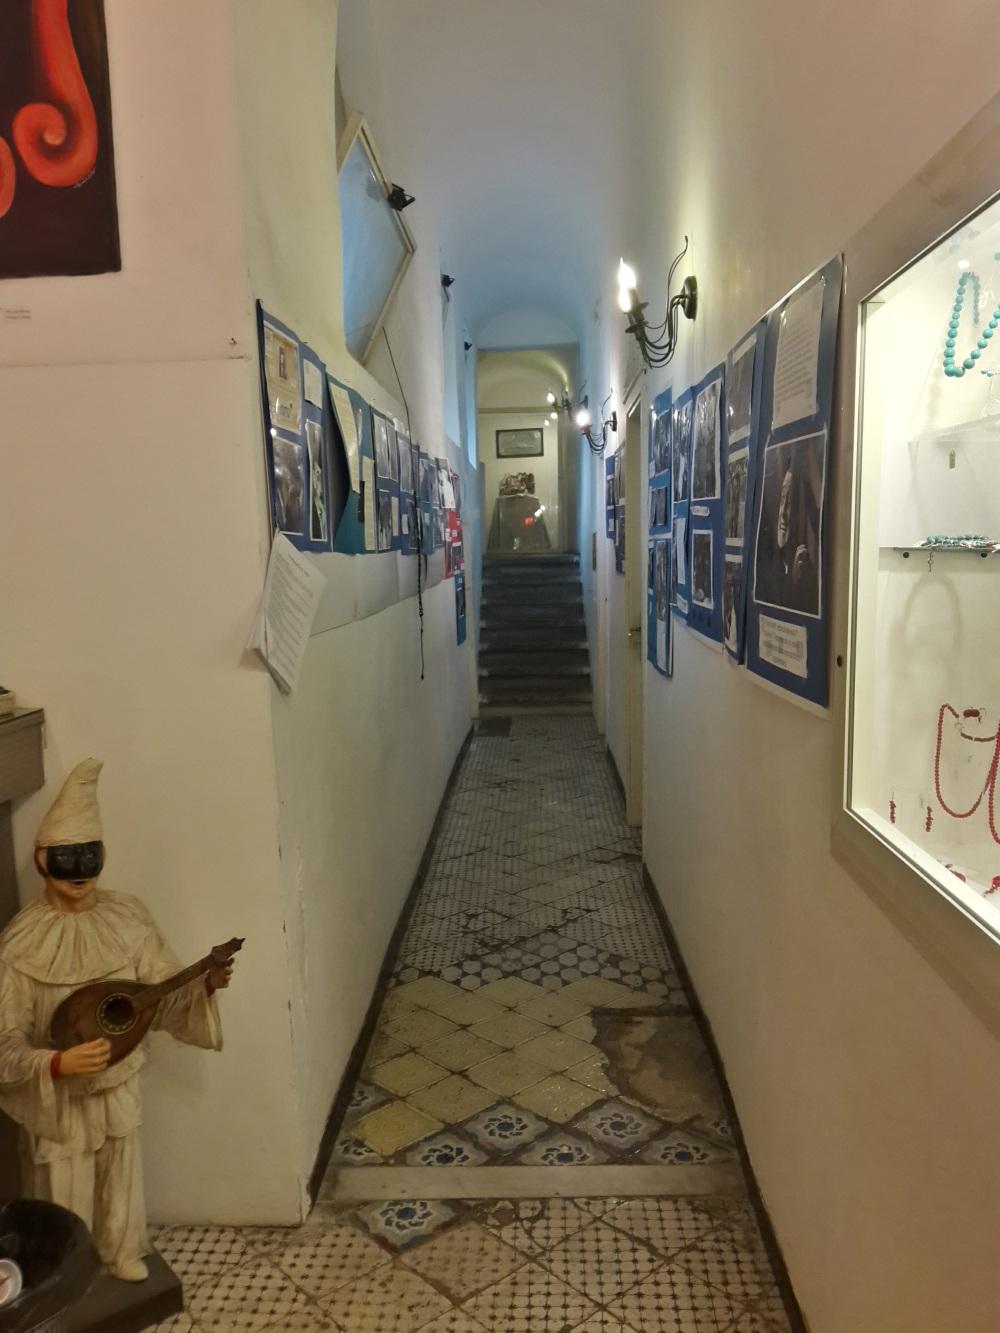 Napoli-Viaggio a Napoli-Cosa vedere a Napoli-Visitare Napoli-Palazzo Venezia Napoli-Palazzo Venezia-Architettura-Arte-Napoli-Viaggiare-Fotografia